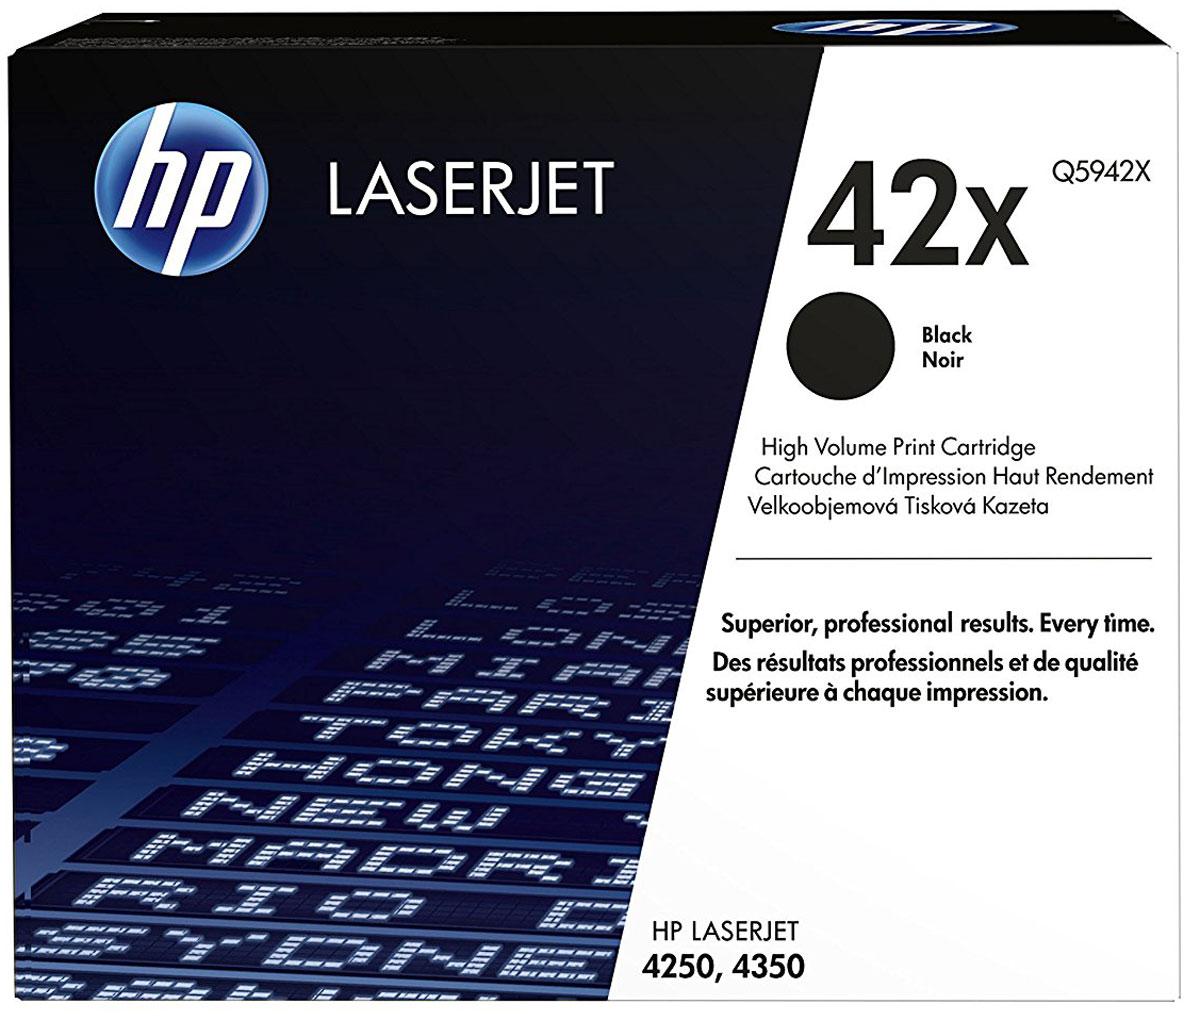 HP Q5942X (42A), Black тонер-картридж для LaserJet 4250/4350Q5942XКартриджи HP Q5942X (42A) обеспечивает бесперебойную печать. Оригинальные картриджи HP с оригинальным тонером HP гарантируют качественное выполнение задач печати в офисе. Добейтесь превосходного качества черно-белой печати для повседневных нужд. Это недорогое и производительное решение отлично подойдет для печати отчетов, счетов, таблиц и других повседневных документов.Конструкция оригинальных картриджей LaserJet и уникальная формула тонера HP гарантируют неизменно высокое качество печати на протяжении всего срока службы картриджа. Конструкция расходных материалов обеспечивает стабильные показатели ресурса при смене картриджа.